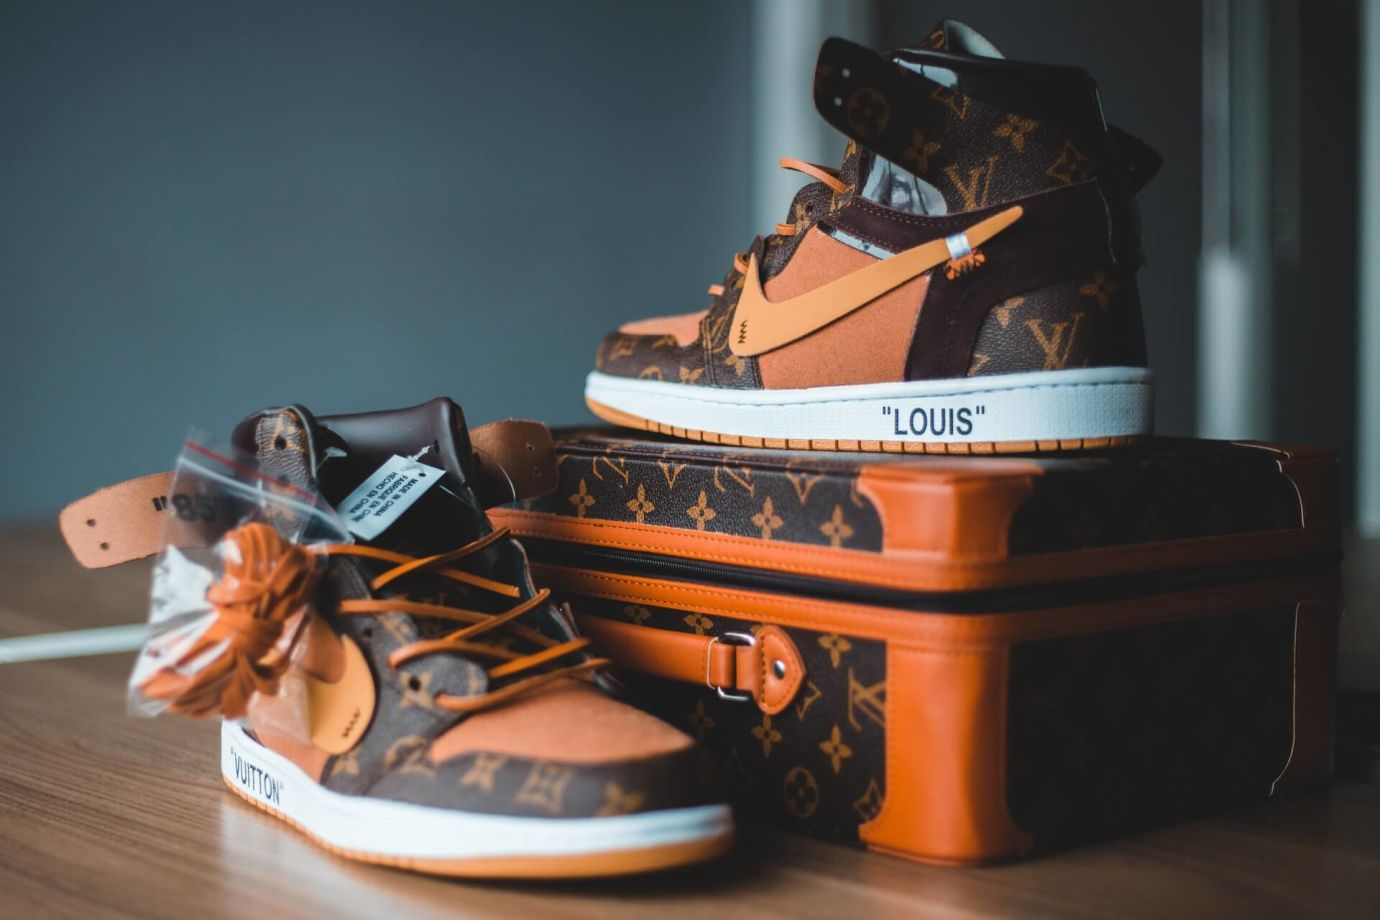 Orange-braune Louis Vuitton Sneaker auf kleinem Koffer